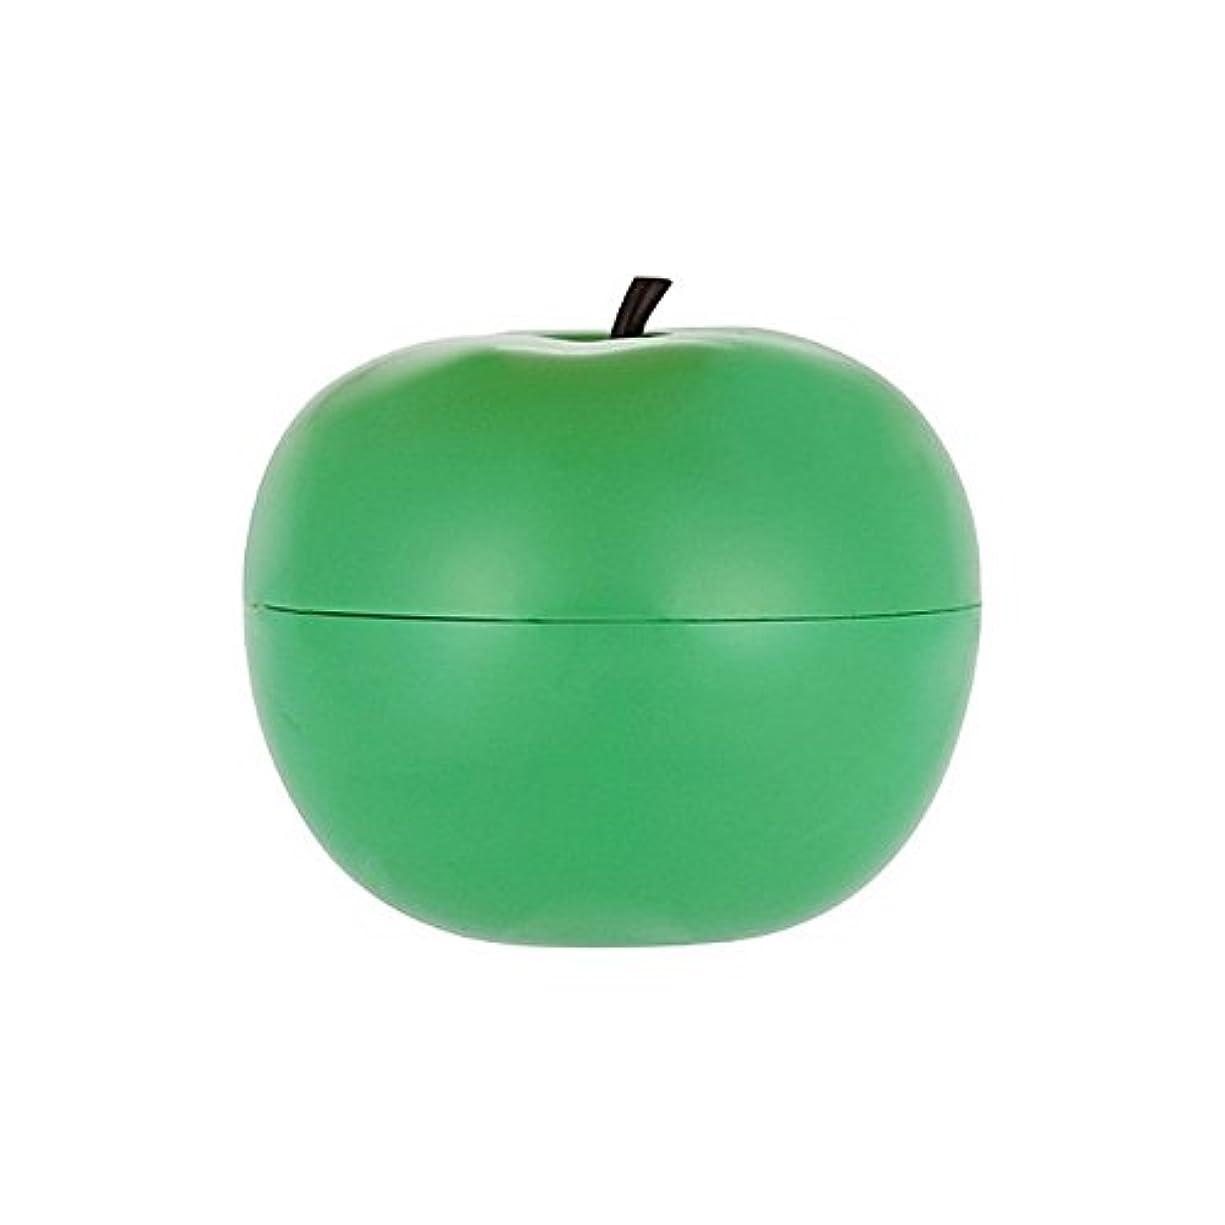 おとうさん不器用クレタトニーモリースムーズマッサージピーリングクリーム80グラム x4 - Tony Moly Appletox Smooth Massage Peeling Cream 80G (Pack of 4) [並行輸入品]